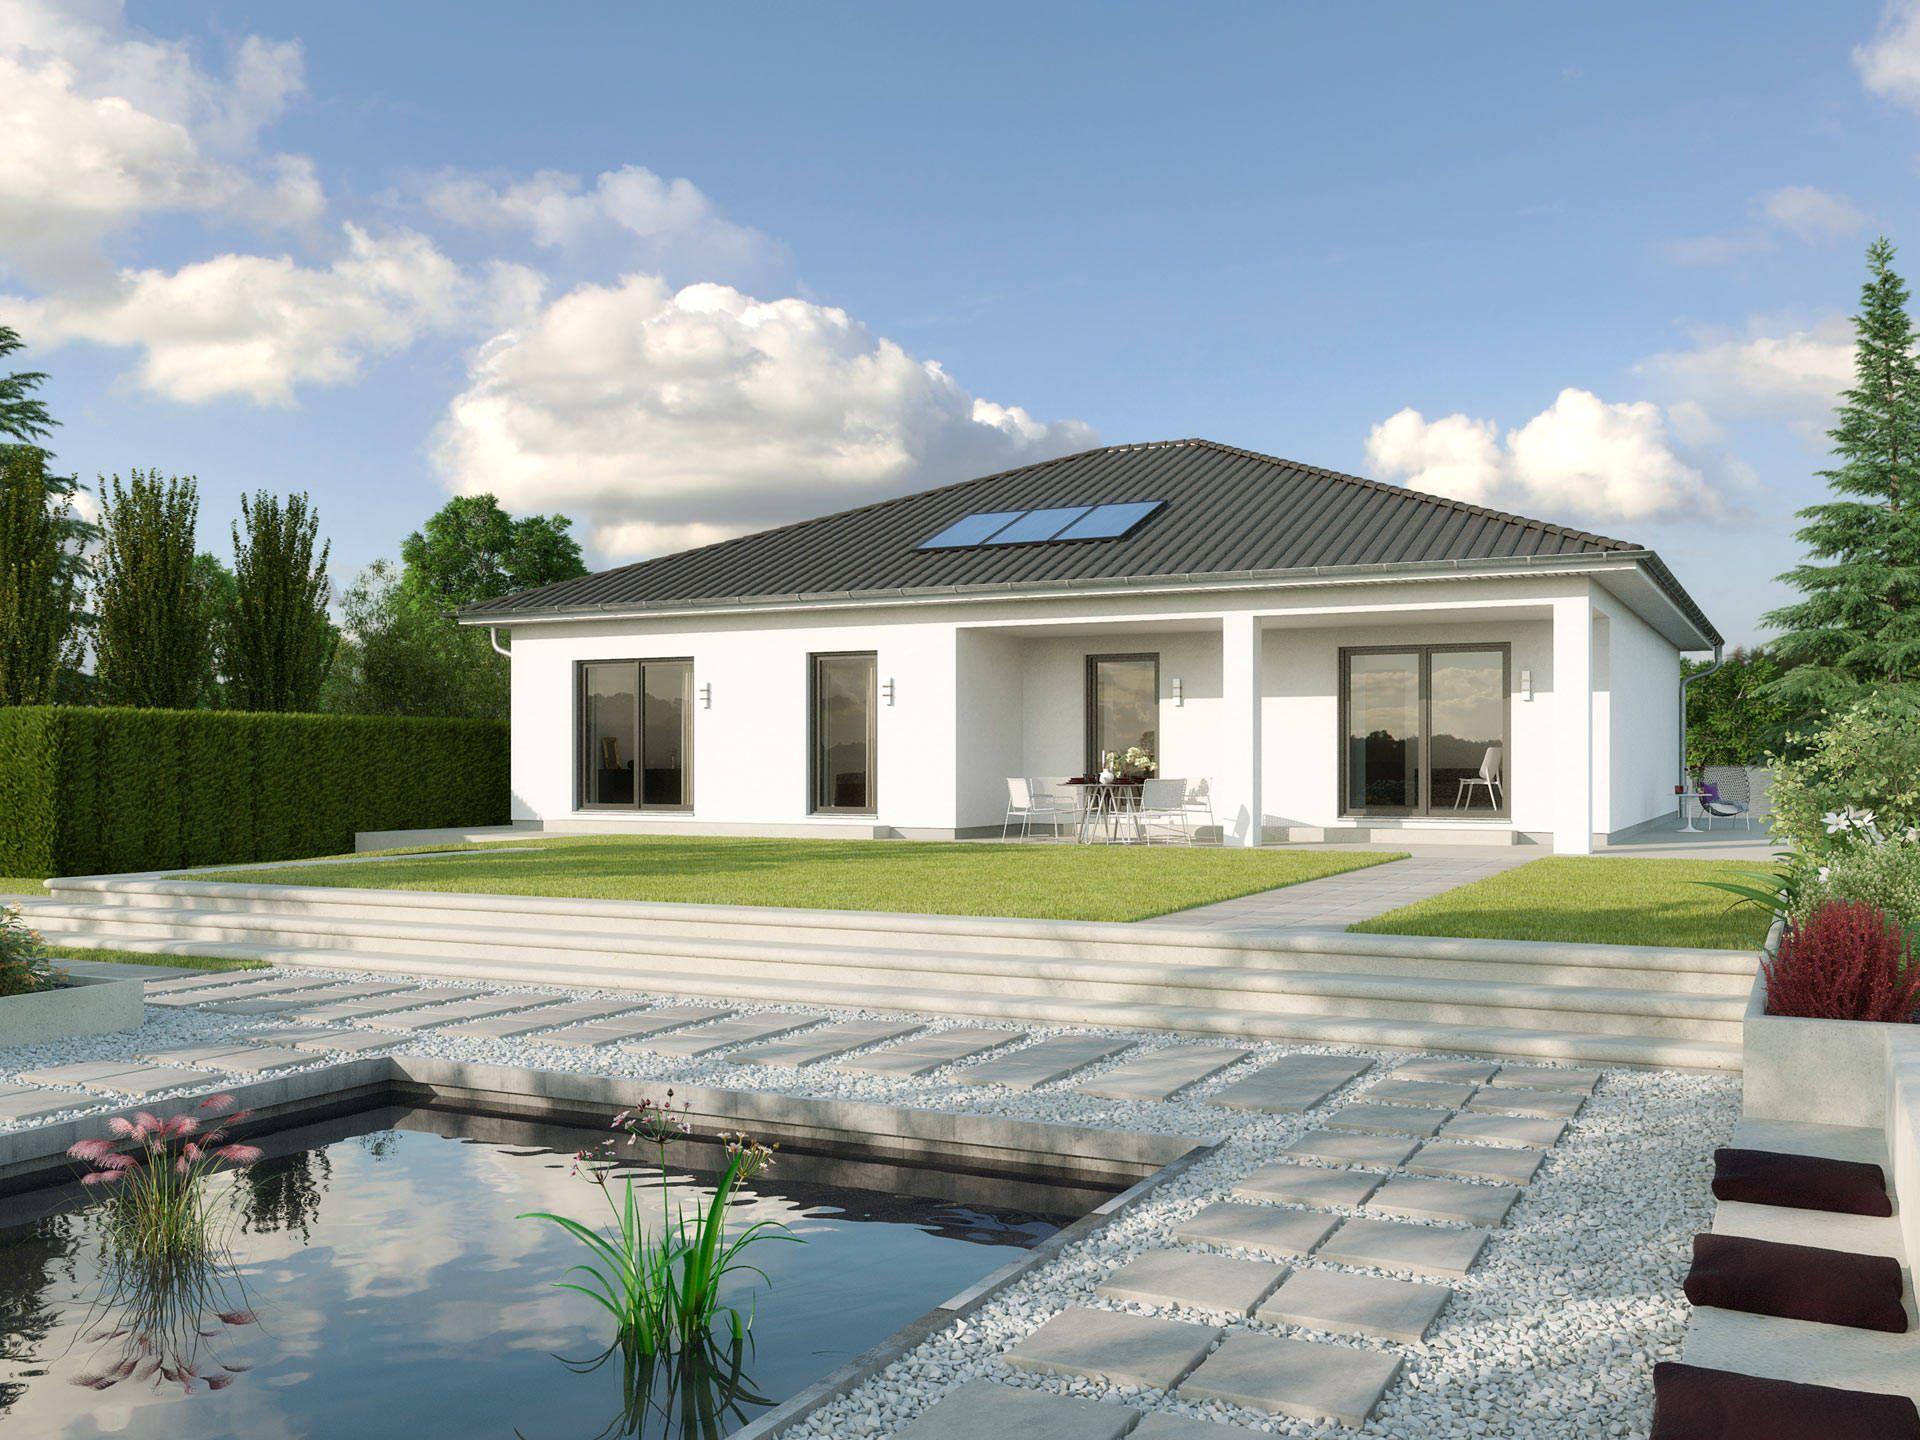 larochelle wl 40 bungalow von gussek haus elegantes einfamilienhaus mit walmdach und. Black Bedroom Furniture Sets. Home Design Ideas